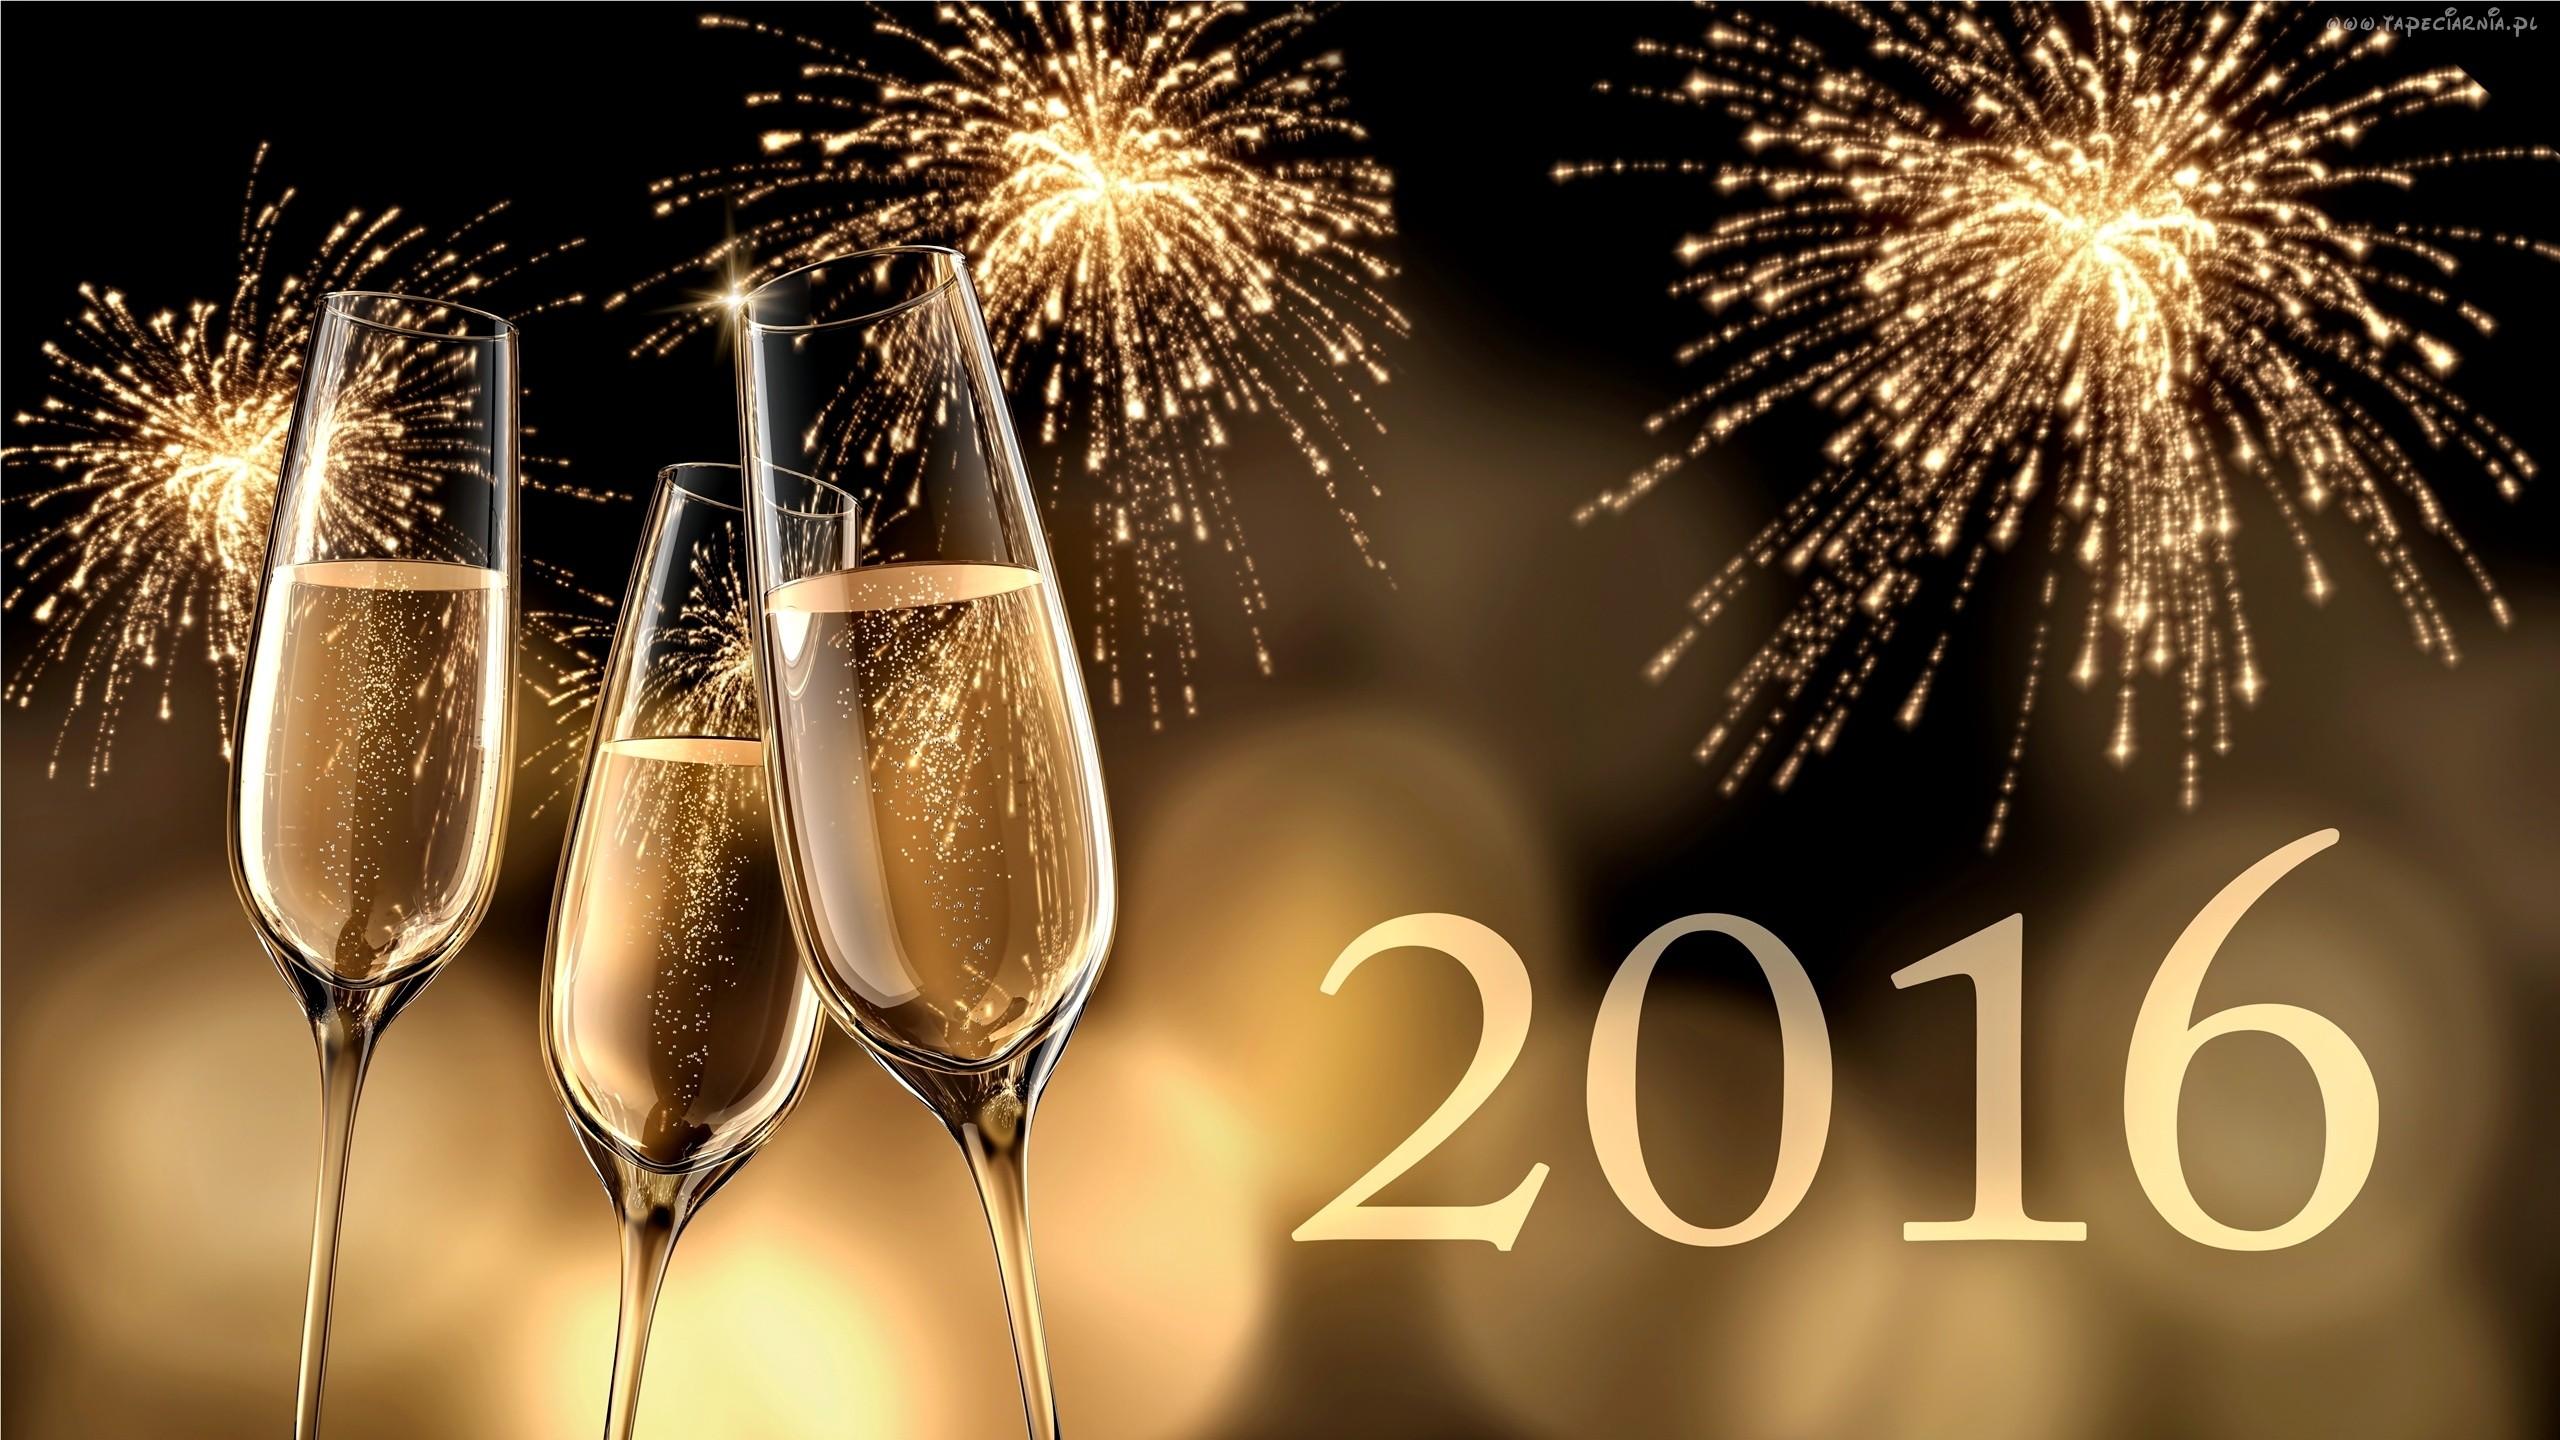 życzenia 2016 bhp i ppoż